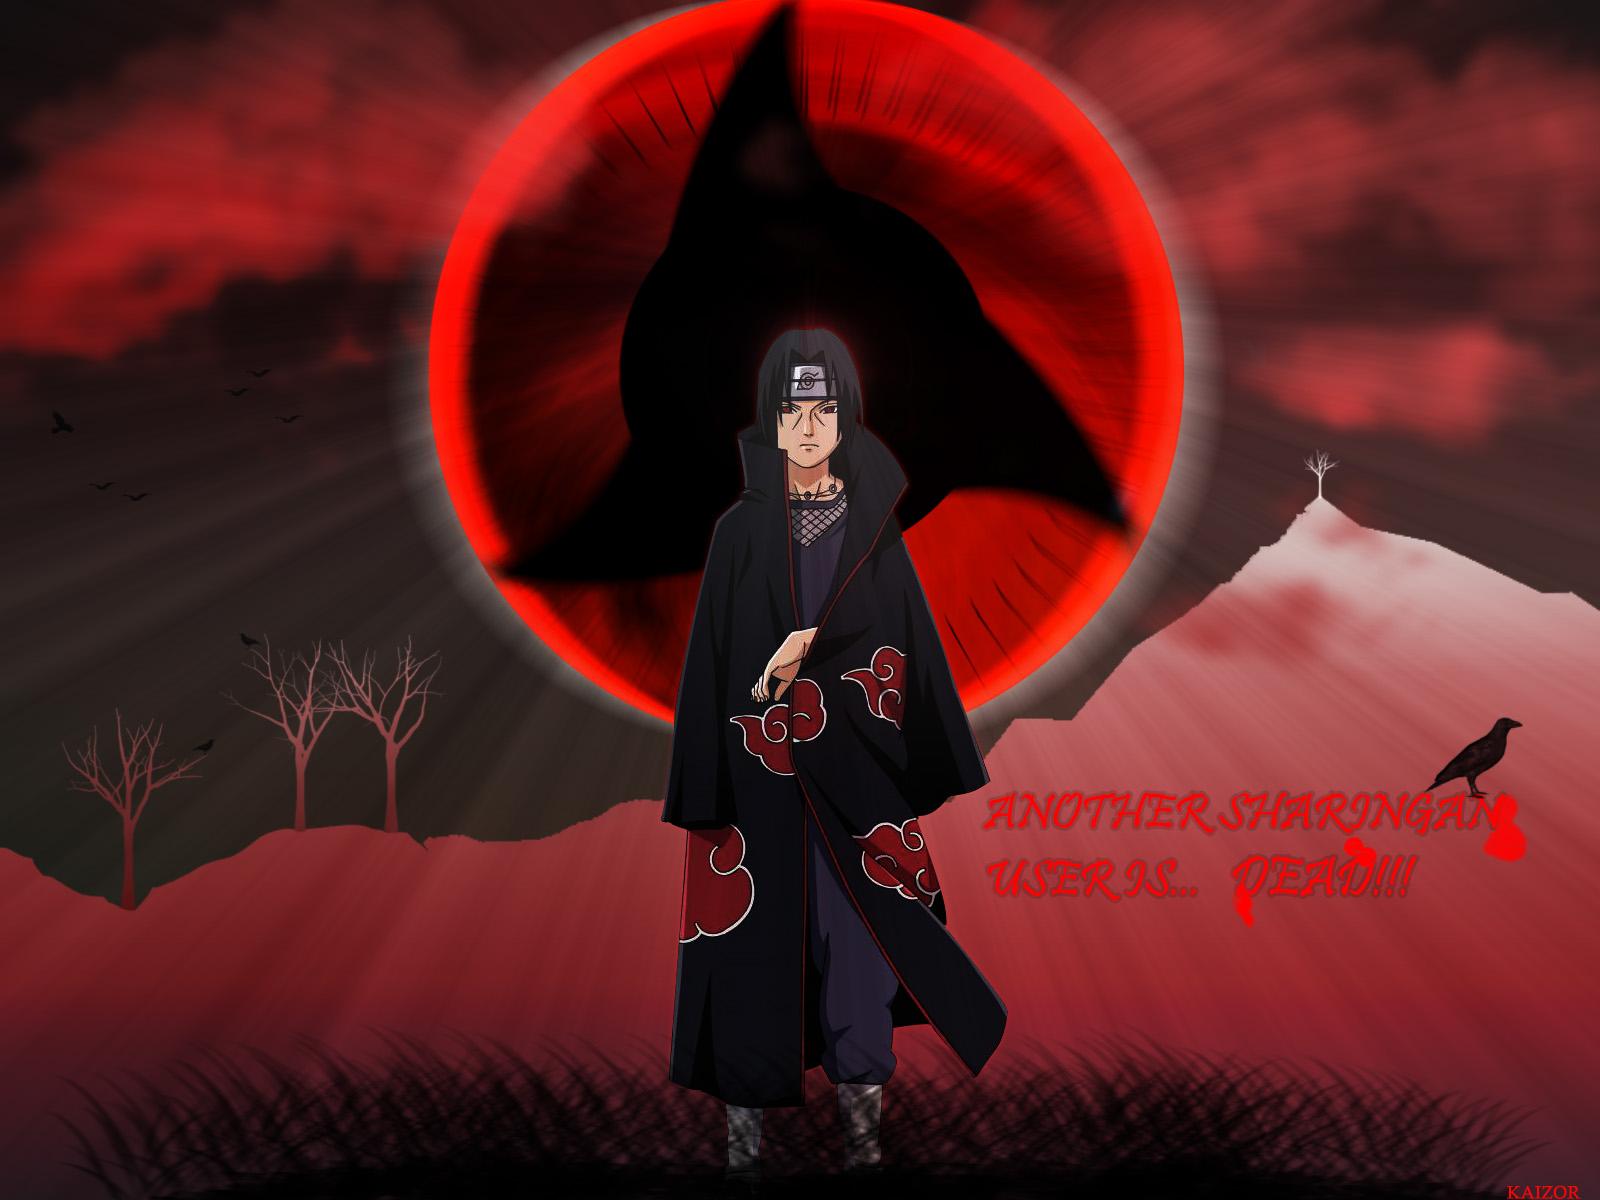 http://1.bp.blogspot.com/-Q9UCNKMAsFY/T0Vh7YbYdtI/AAAAAAAACNU/hz63E66dngE/s1600/Naruto_Shippuden_161.jpg